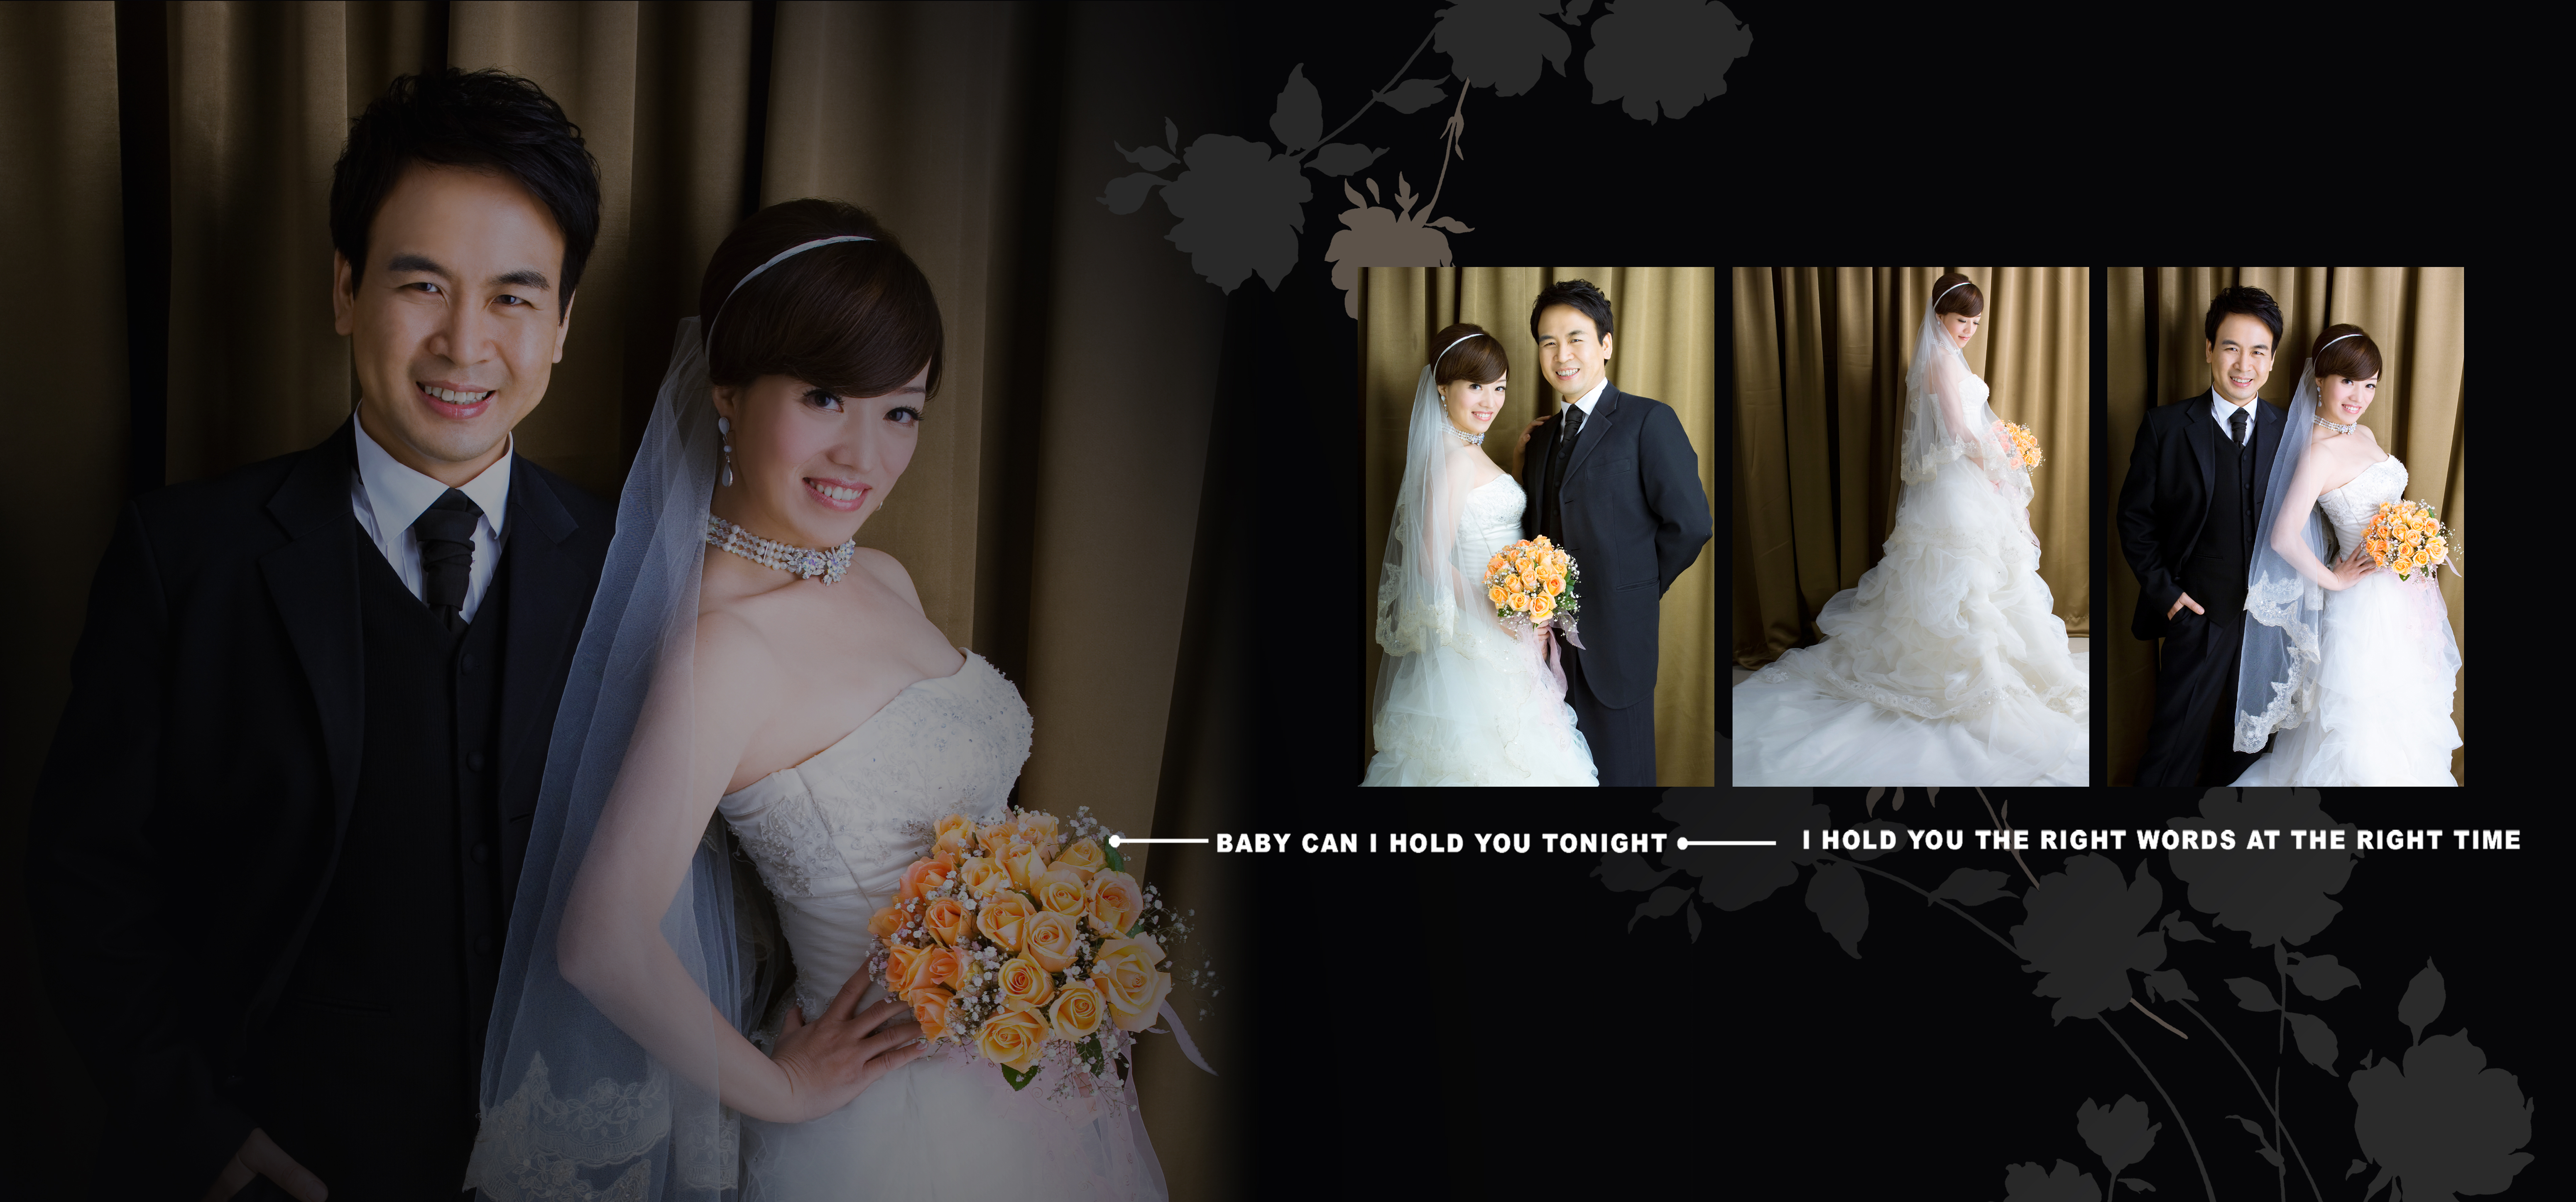 【攝】不一樣婚紗 @魚兒 x 牽手明太子的「視」界旅行